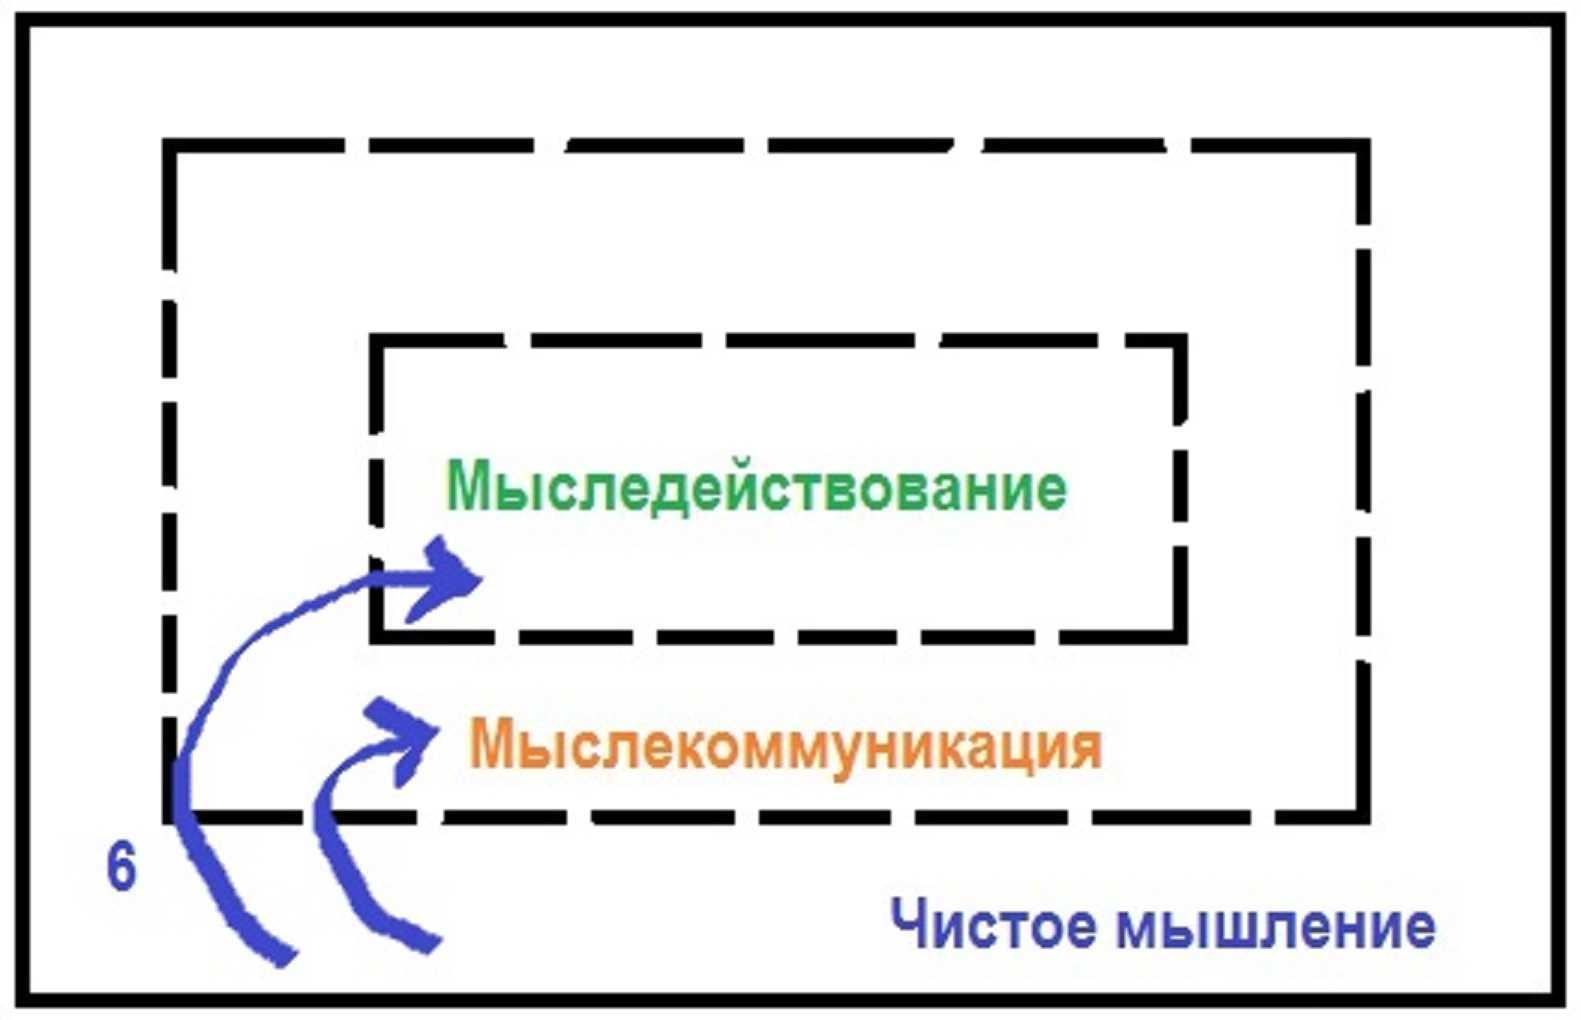 Коммуникативная и рефлексивная компетенция в рамках мыследеятельностного подхода: контуры нового понимания